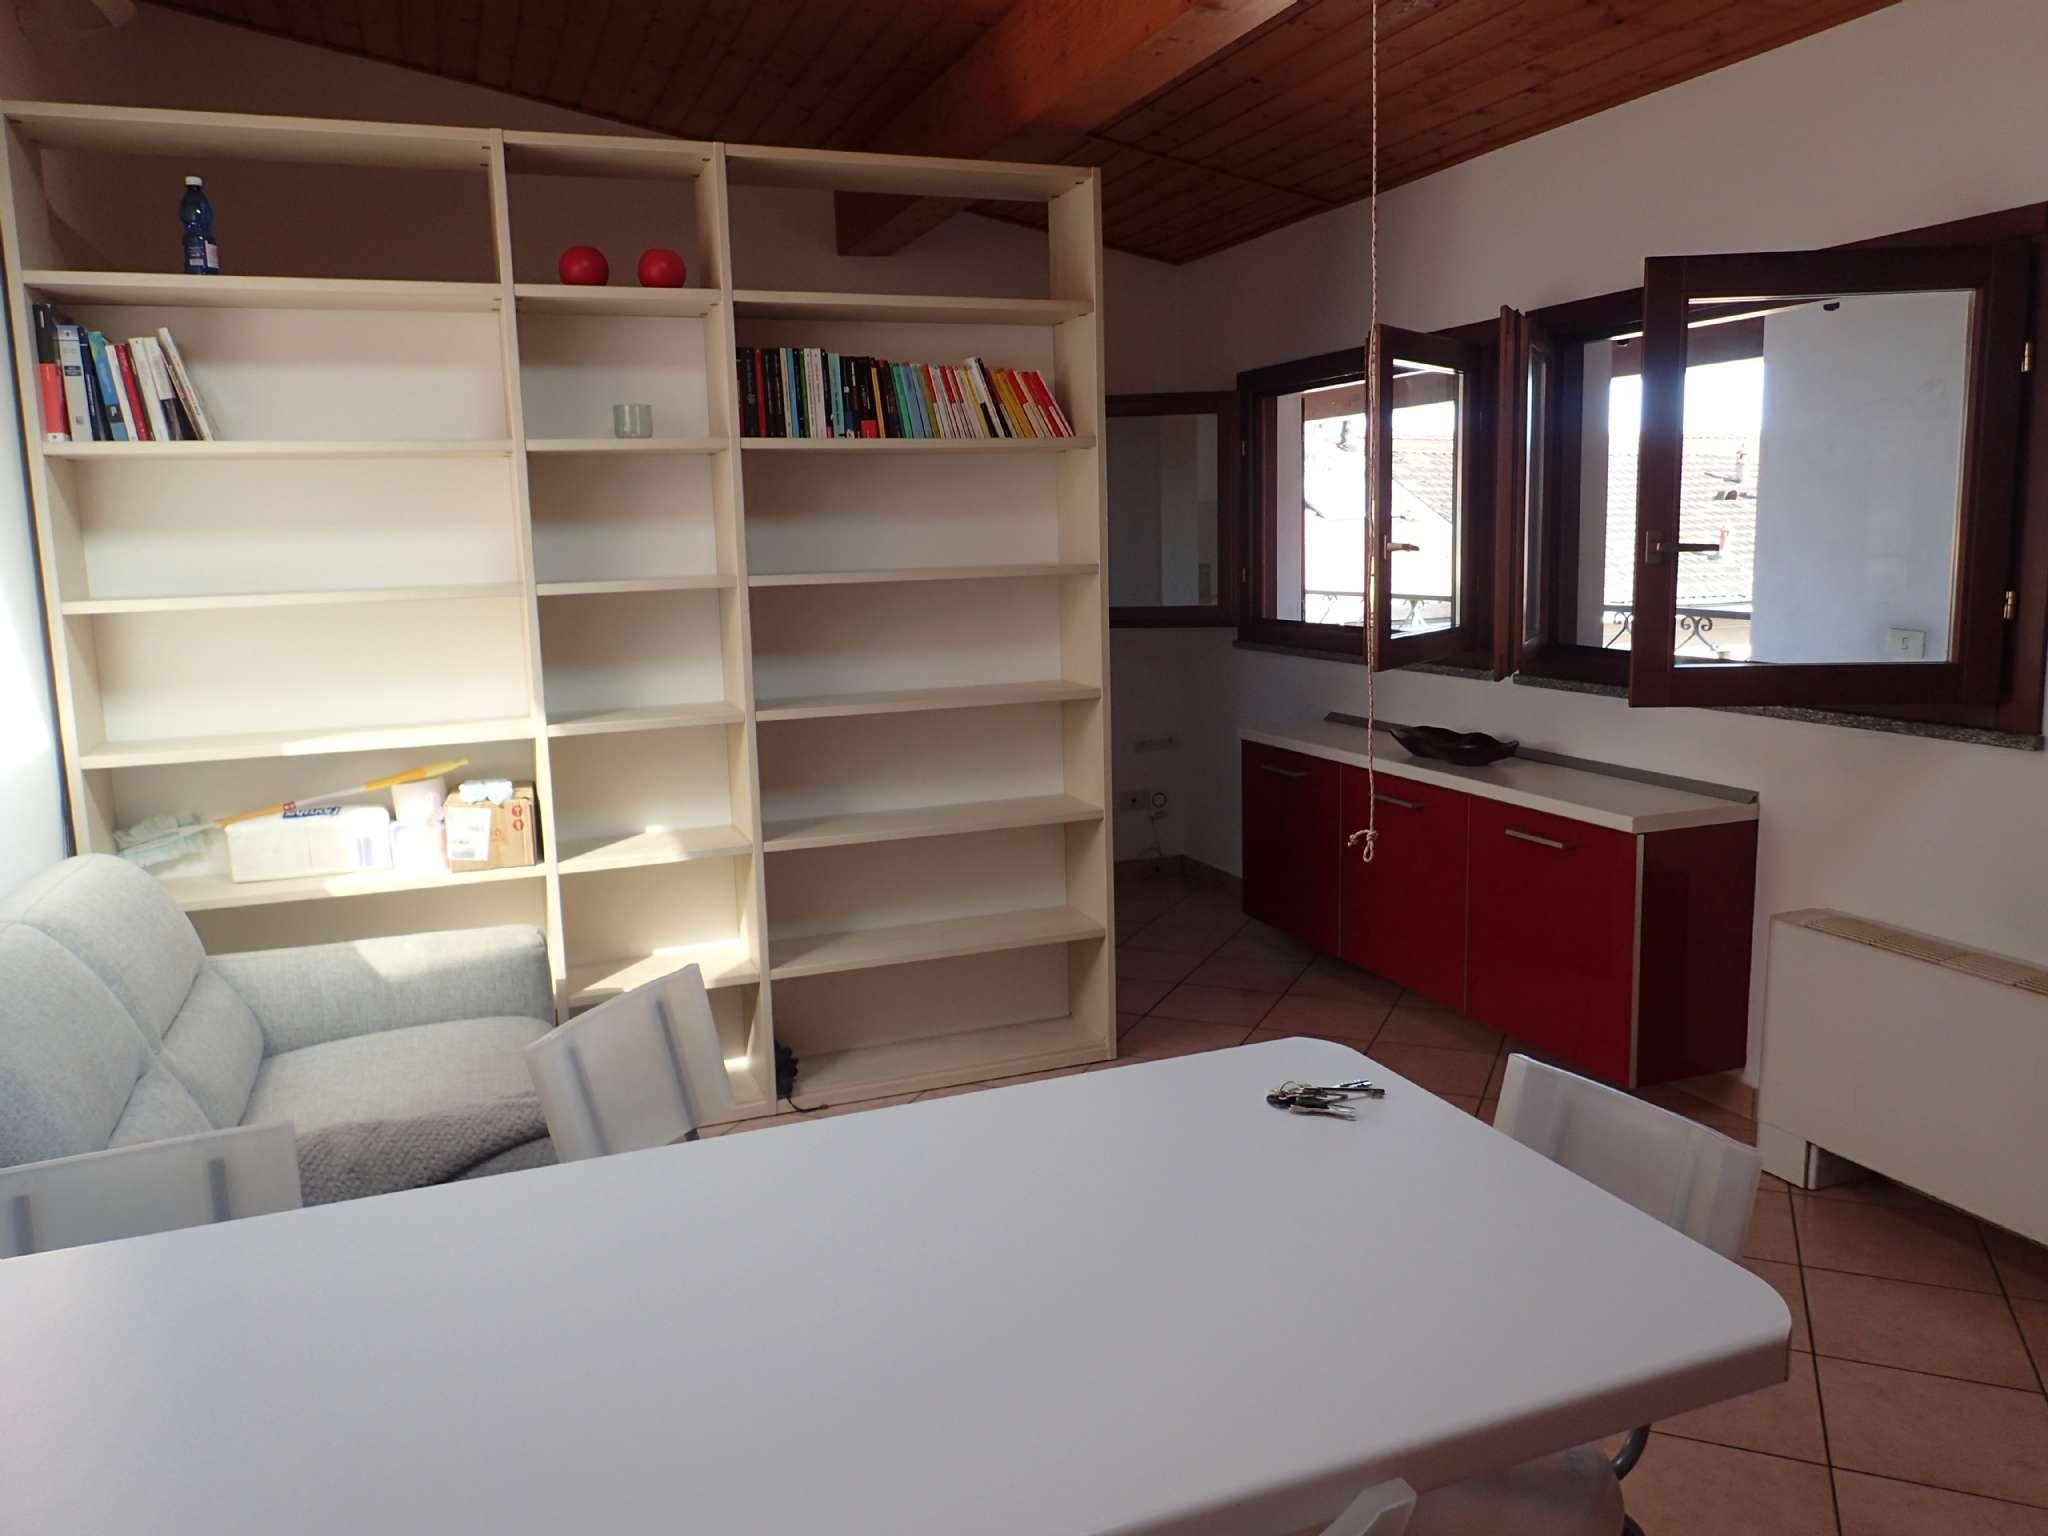 Mansarda in Affitto a Milano 03 Venezia / Piave / Buenos Aires:  1 locali, 40 mq  - Foto 1